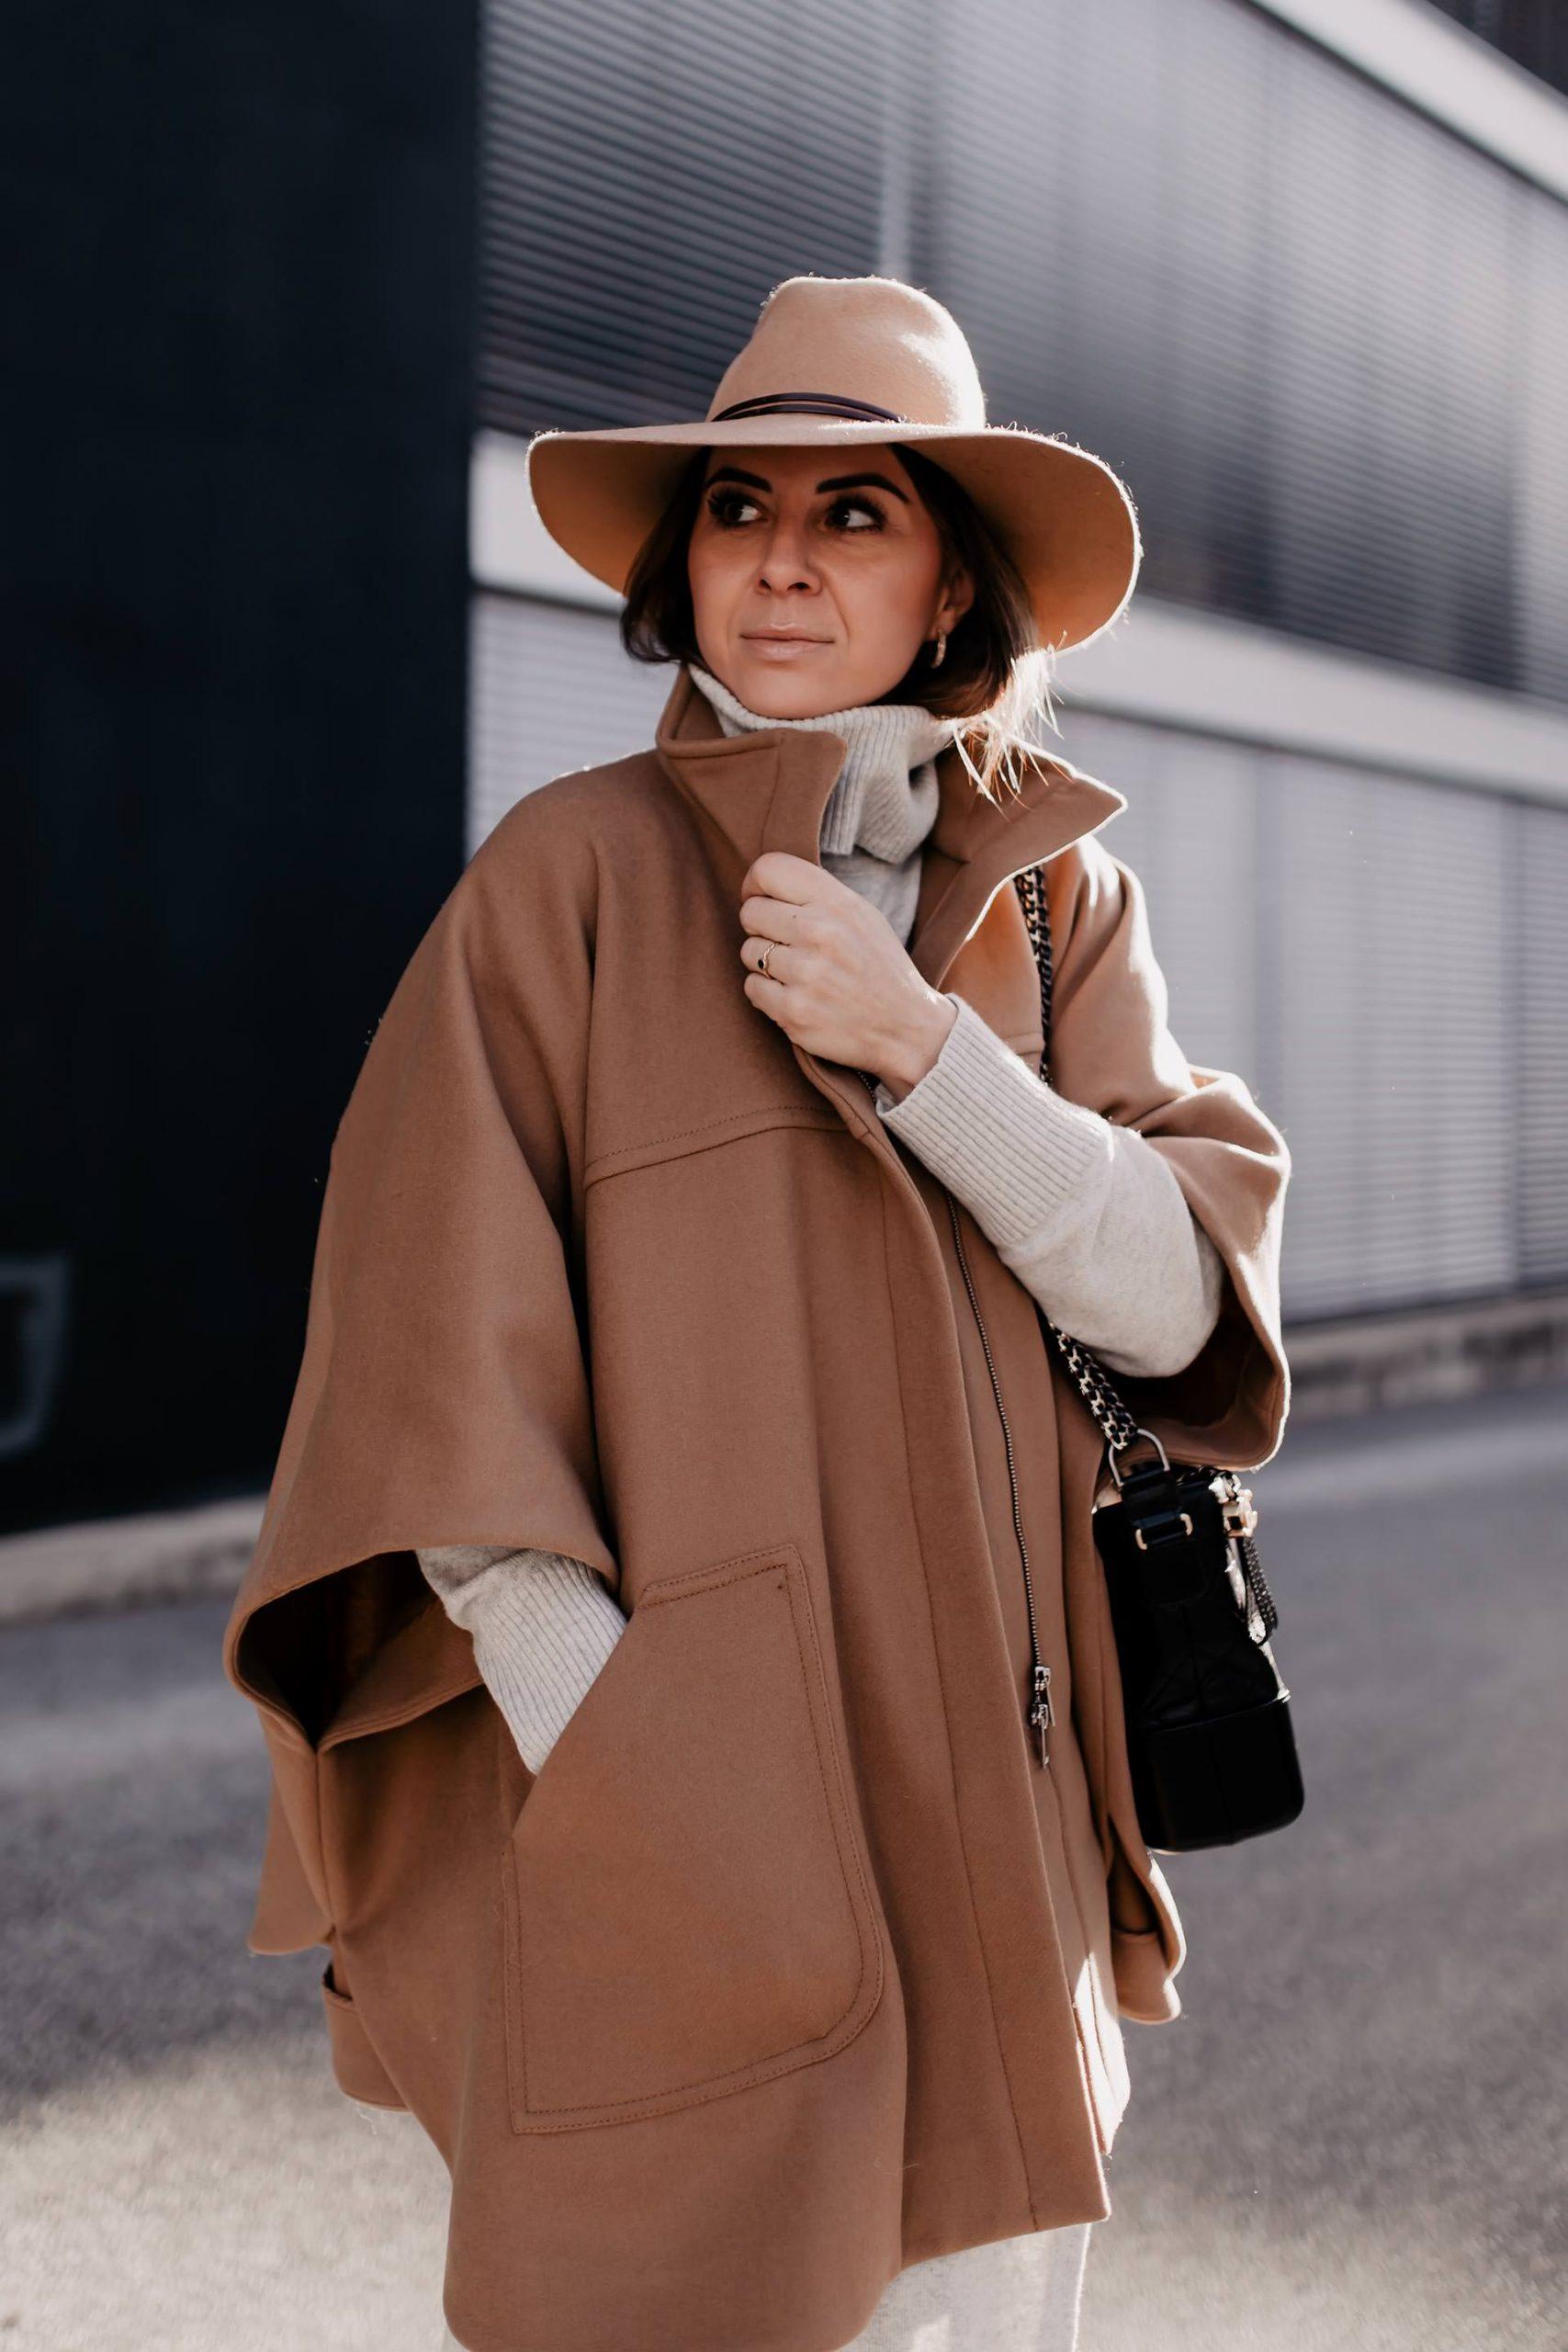 Am Modeblog liest du heute, wie gut man ein Cape kombinieren kann. Das passende Winter-Outfit gibt es kostenlos dazu und zahlreiche Shopping-Tipps für wunderschöne Cape-Outfits! www.whoismocca.com #cape #winteroutfit #modetrends